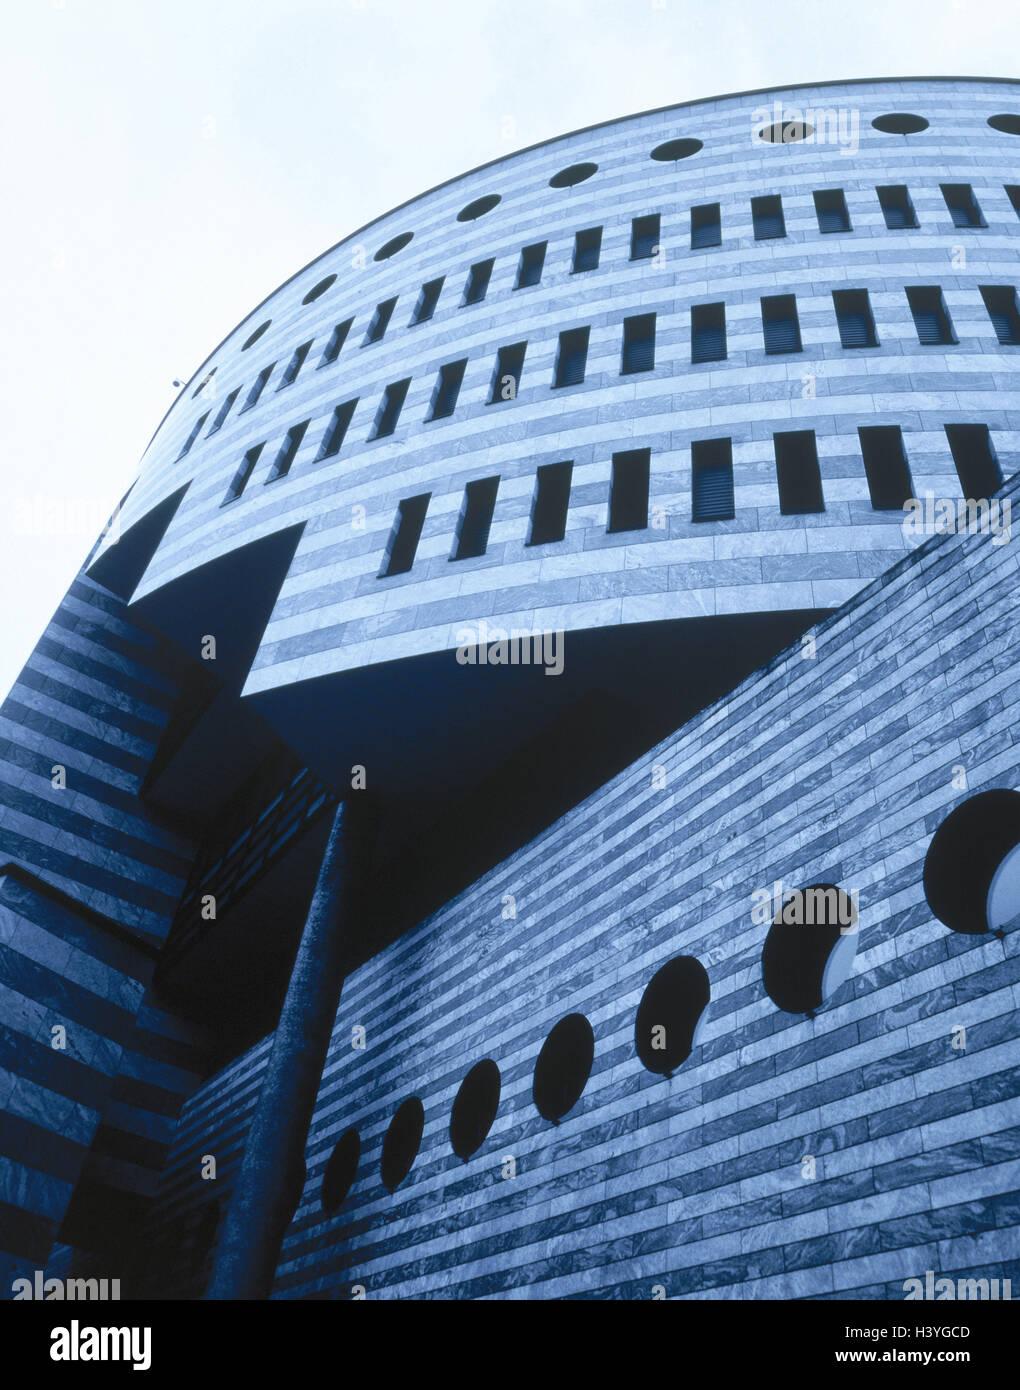 Modern Architecture Detail modern architecture, bank, facade, detail, switzerland, basel